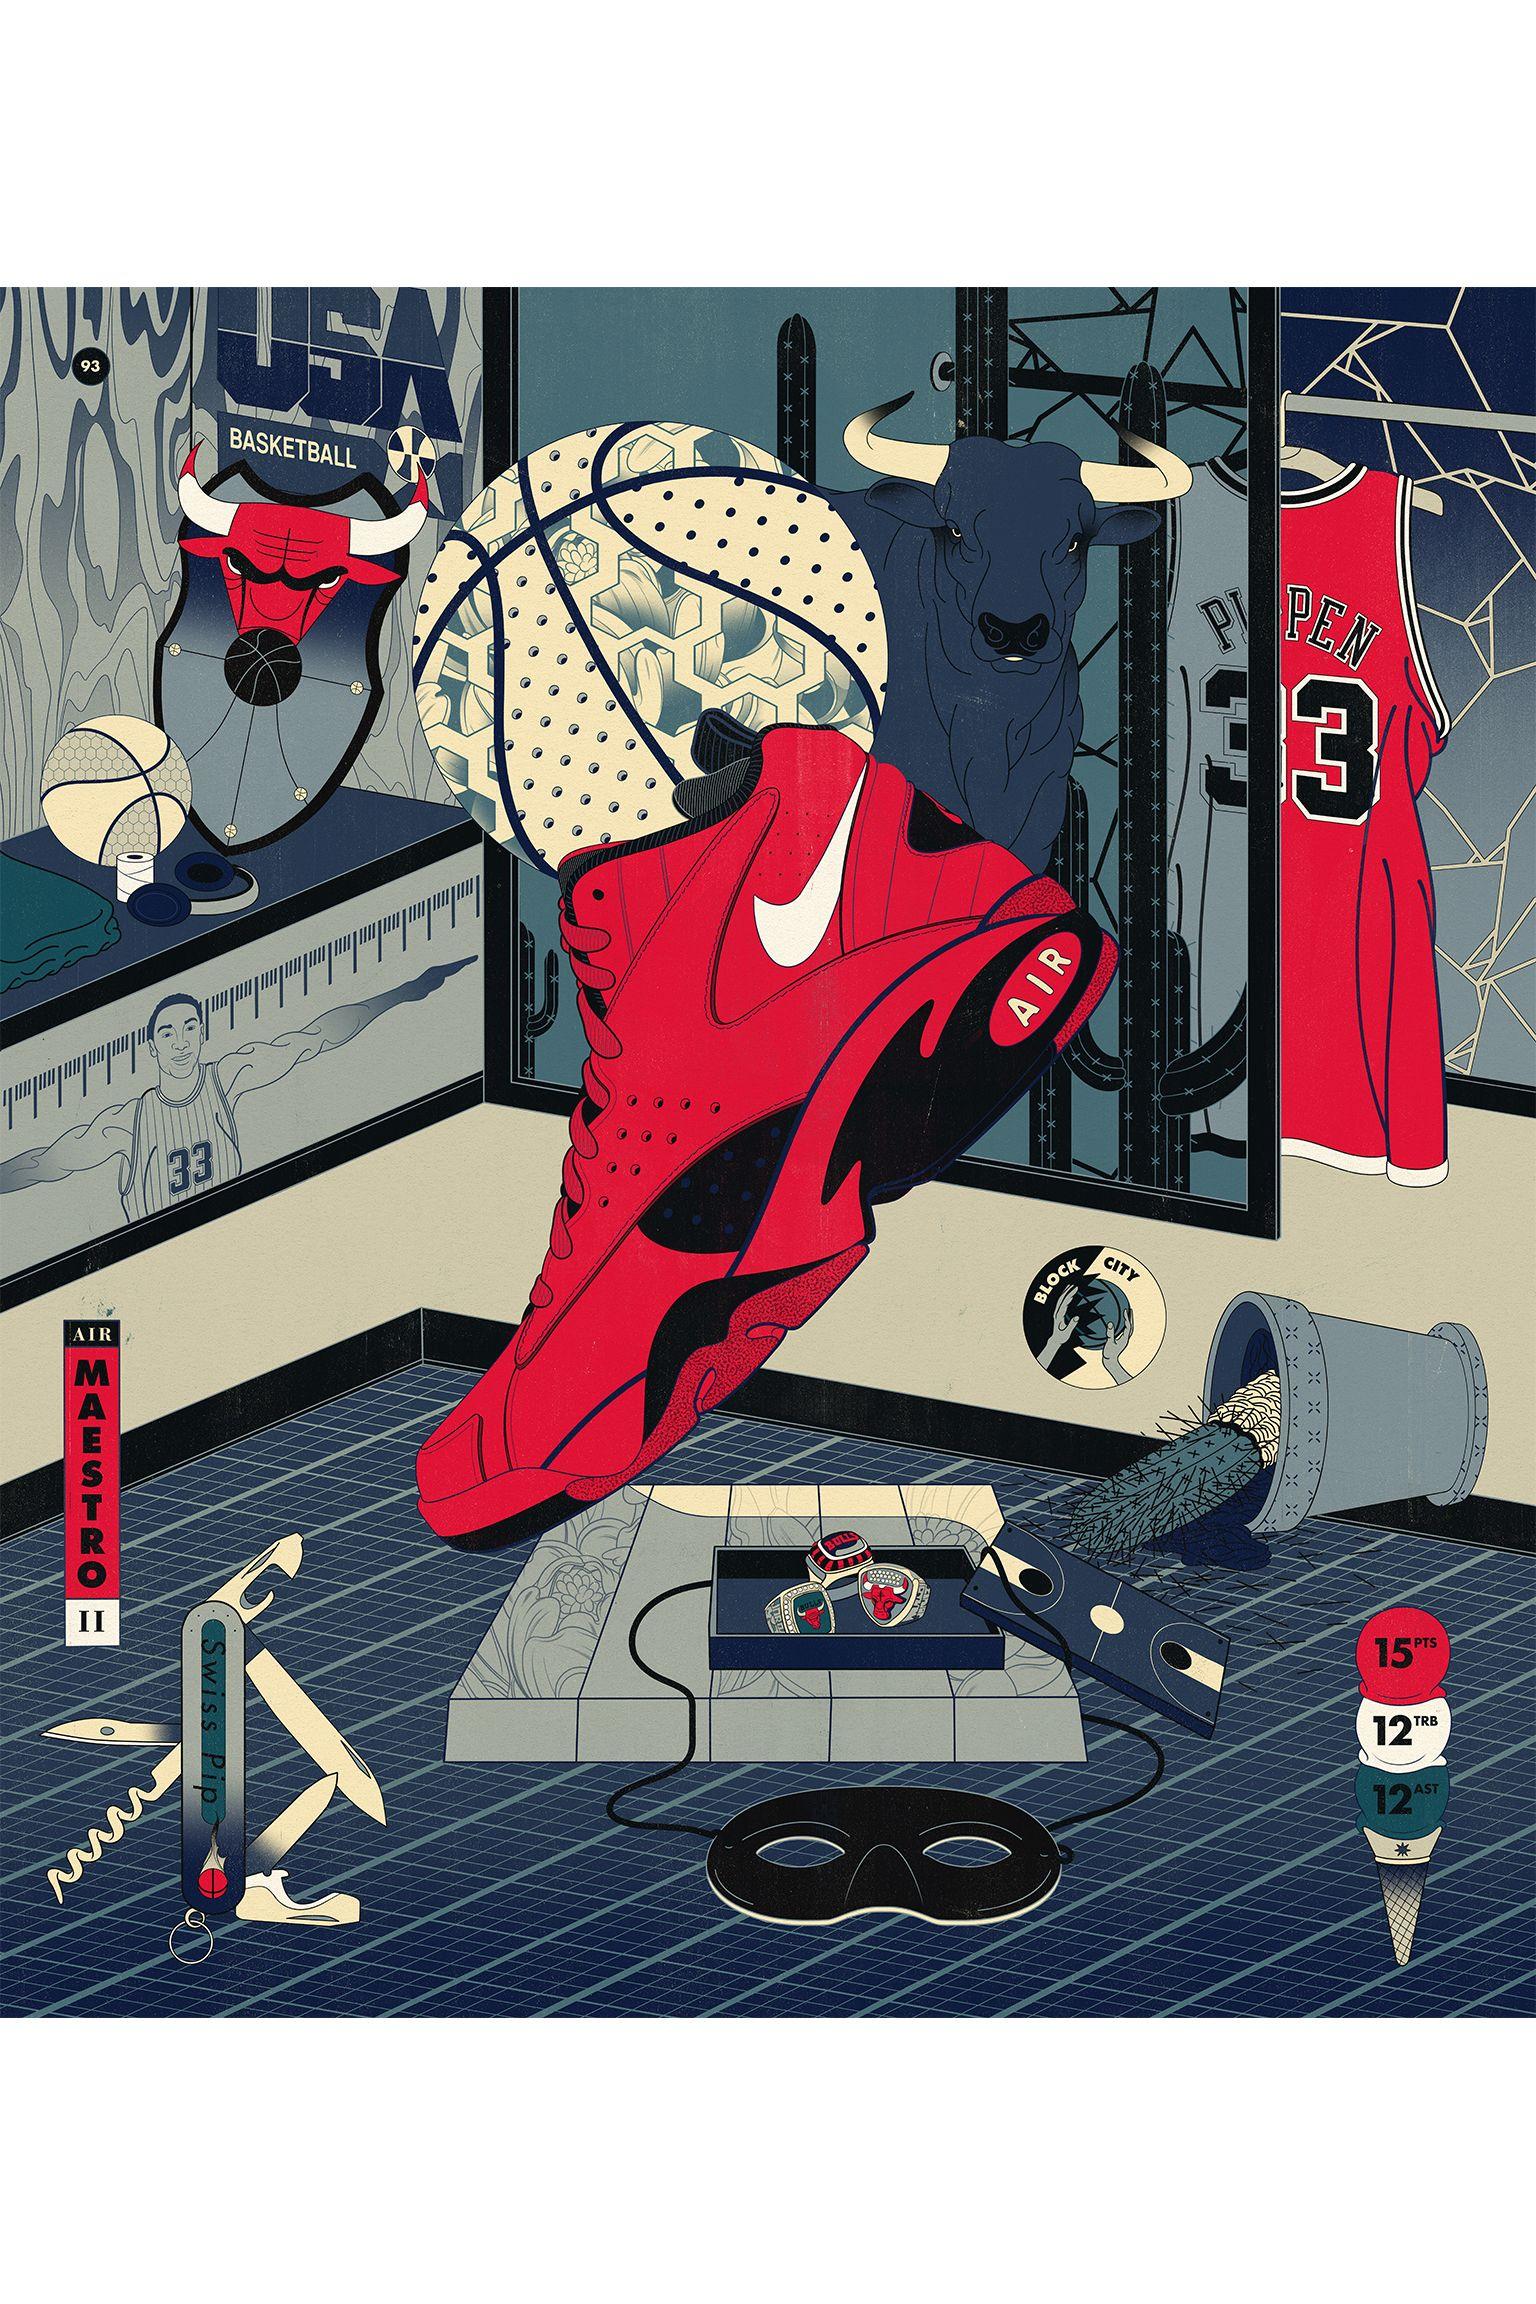 拉塞尔作为传奇球星,和著名篮球运动员查克·泰勒及这款标志性的篮球